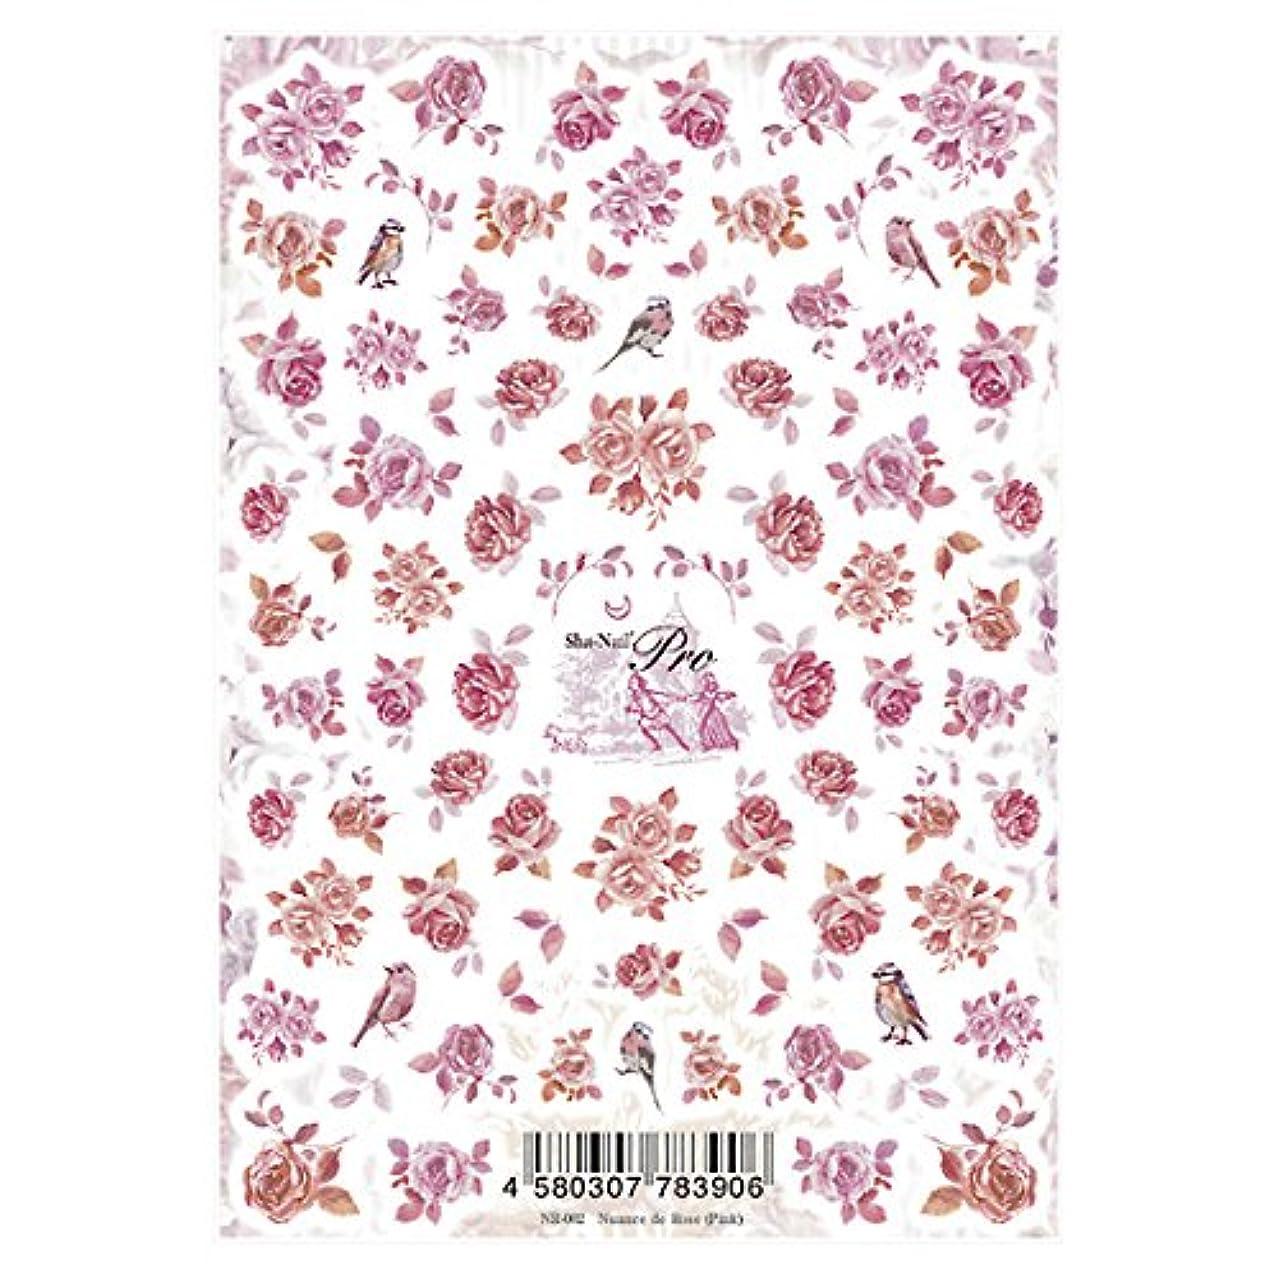 しなければならない専門知識耐えられない写ネイルプロ ネイルシール ニュアンスローズ ピンク アート材